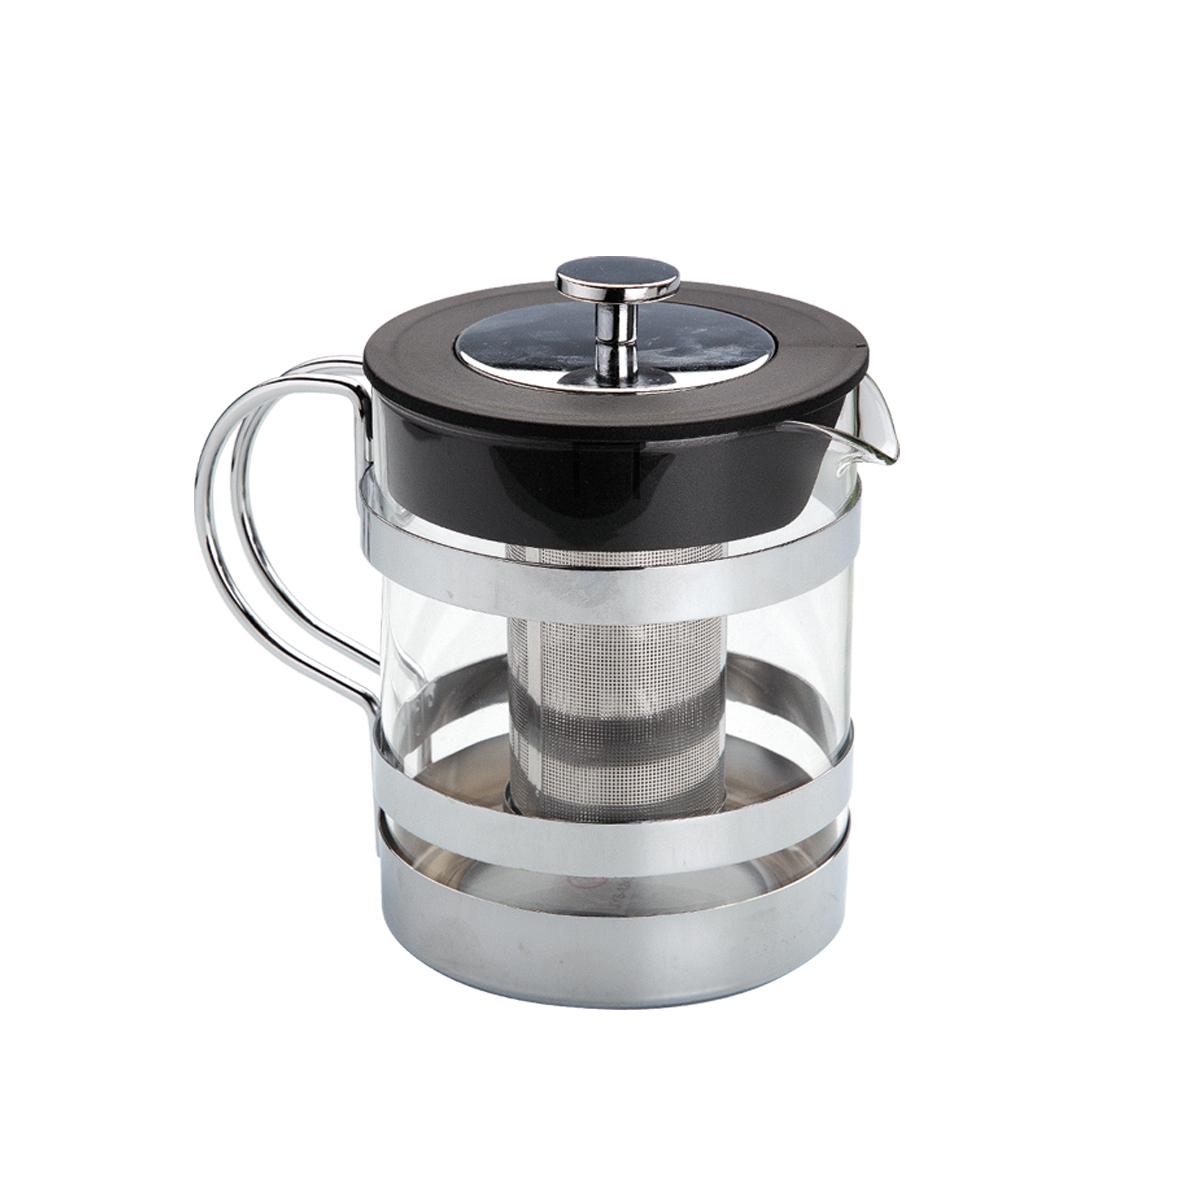 Чайник заварочный Augustin Welz, с фильтром, 1,2 лAW-2006Чайник заварочный Augustin Welz, изготовленный из закаленного стекла, предоставит вам все необходимые возможности для успешного заваривания чая. Чай в таком чайнике дольше остается горячим, а полезные и ароматические вещества полностью сохраняются в напитке. Чайник оснащен фильтром и крышкой. Фильтр выполнен из нержавеющей стали. Простой и удобный чайник поможет вам приготовить крепкий, ароматный чай.Рекомендуется ручная чистка в мыльной воде.Диаметр чайника (по верхнему краю): 11,5 см.Высота чайника (без учета крышки): 14,5 см.Высота фильтра: 9 см.